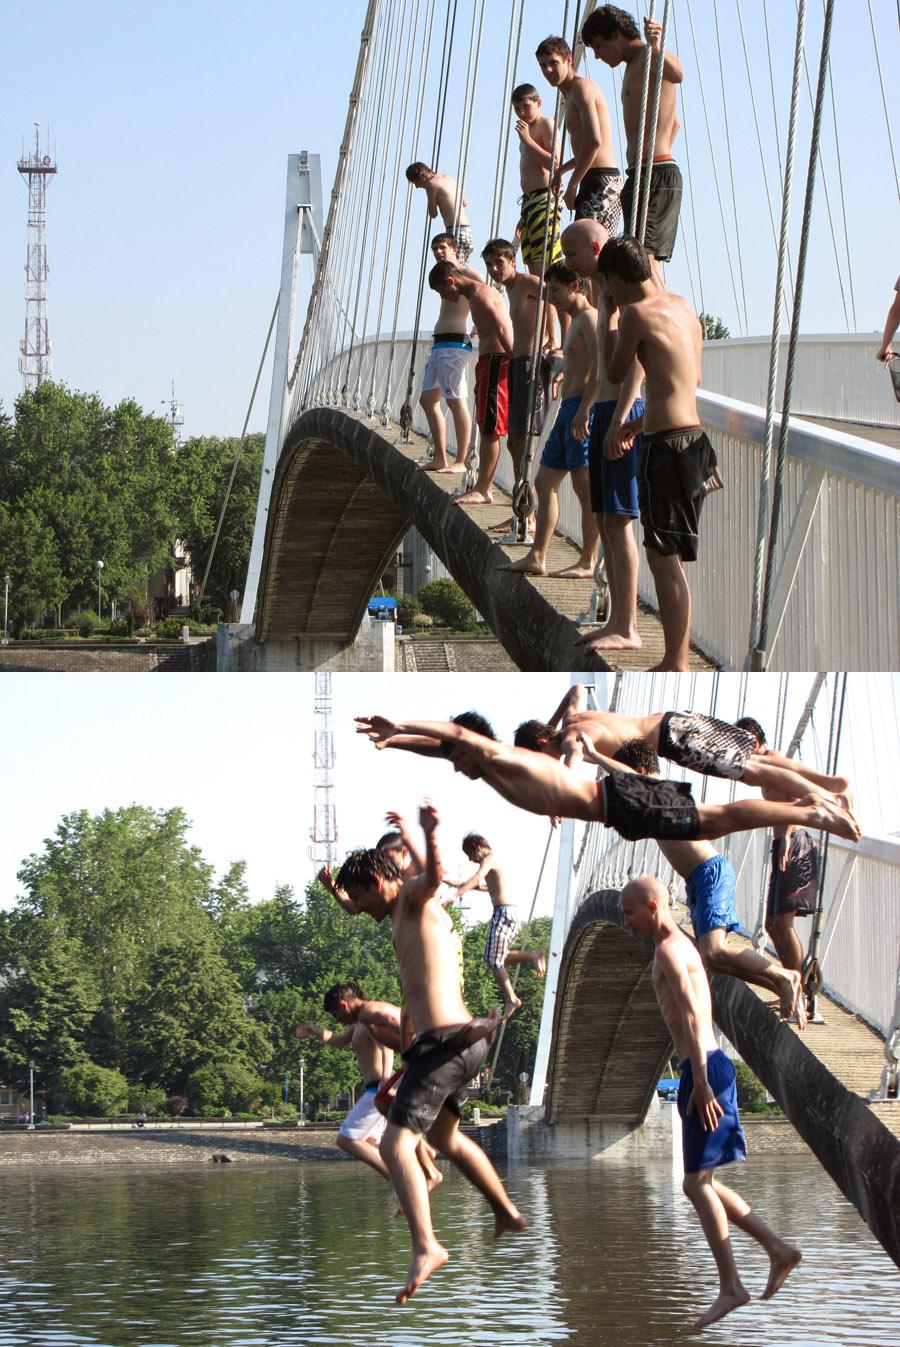 Skakači s mosta  Foto: [b]Goran Flauder[/b]  Ključne riječi: skakaci most plivanje